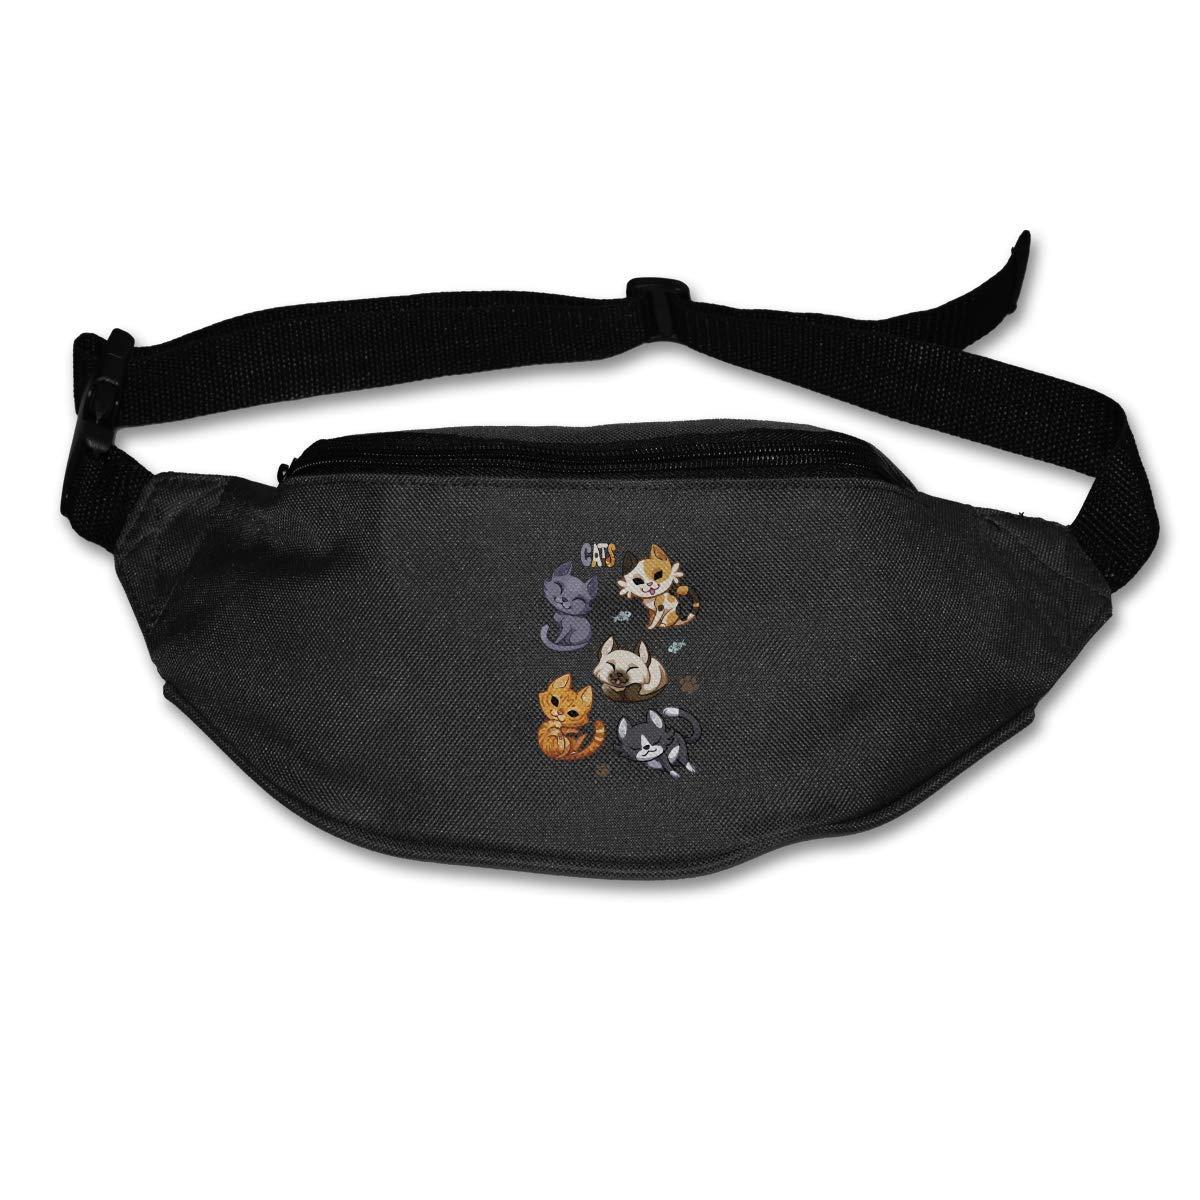 Waist Purse Cute Cats Unisex Outdoor Sports Pouch Fitness Runners Waist Bags